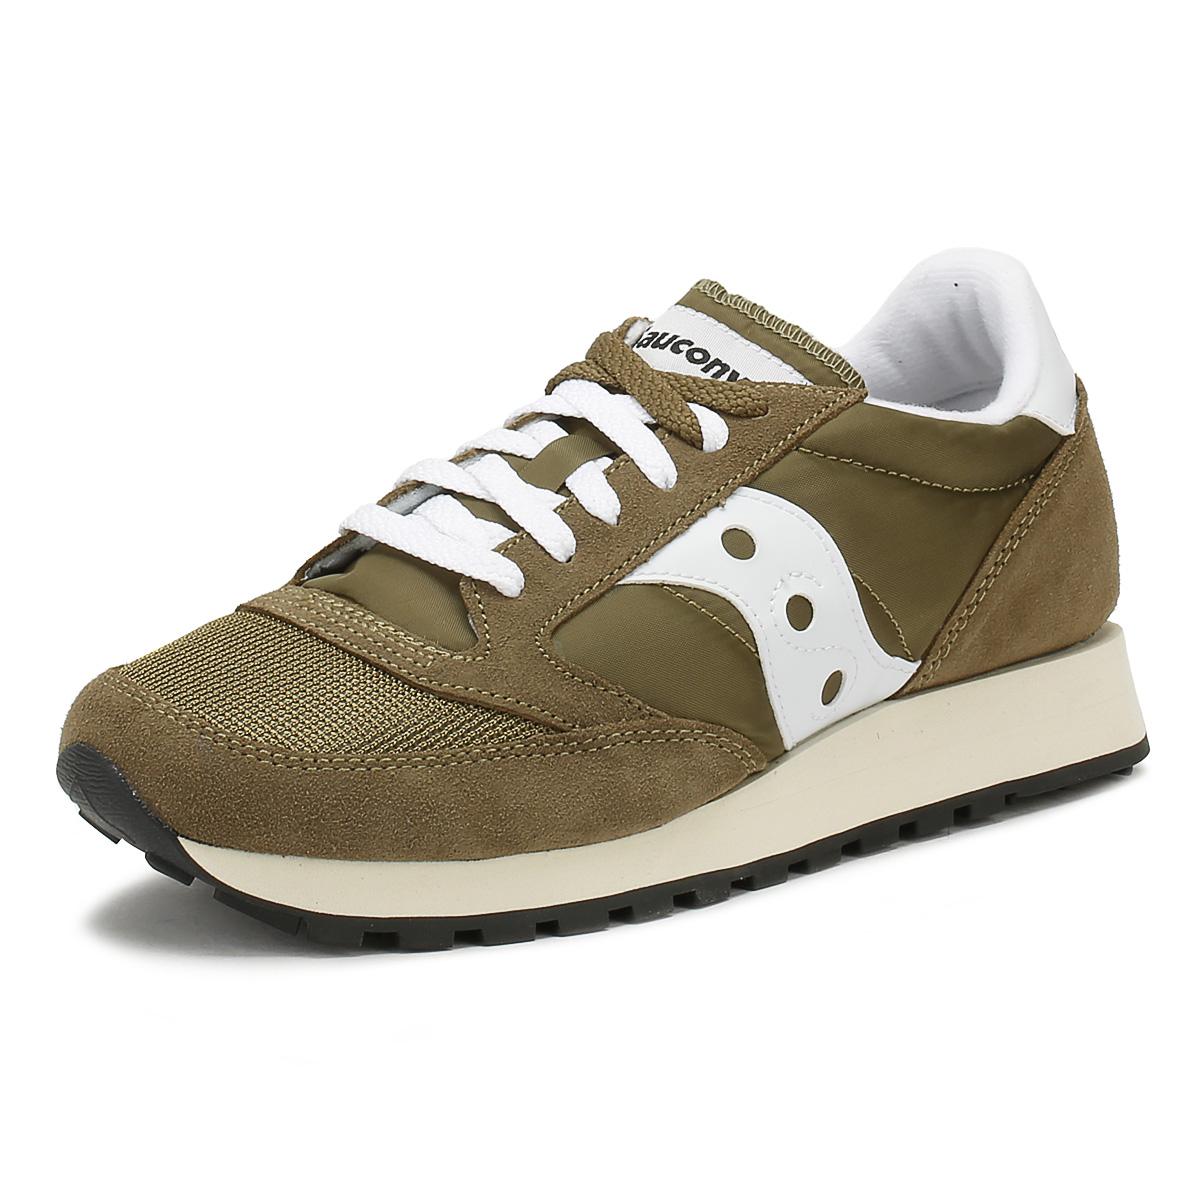 5e09de785072 Details about Saucony Mens Olive Green Jazz Original Trainers Lace Up  Vintage Casual Shoes